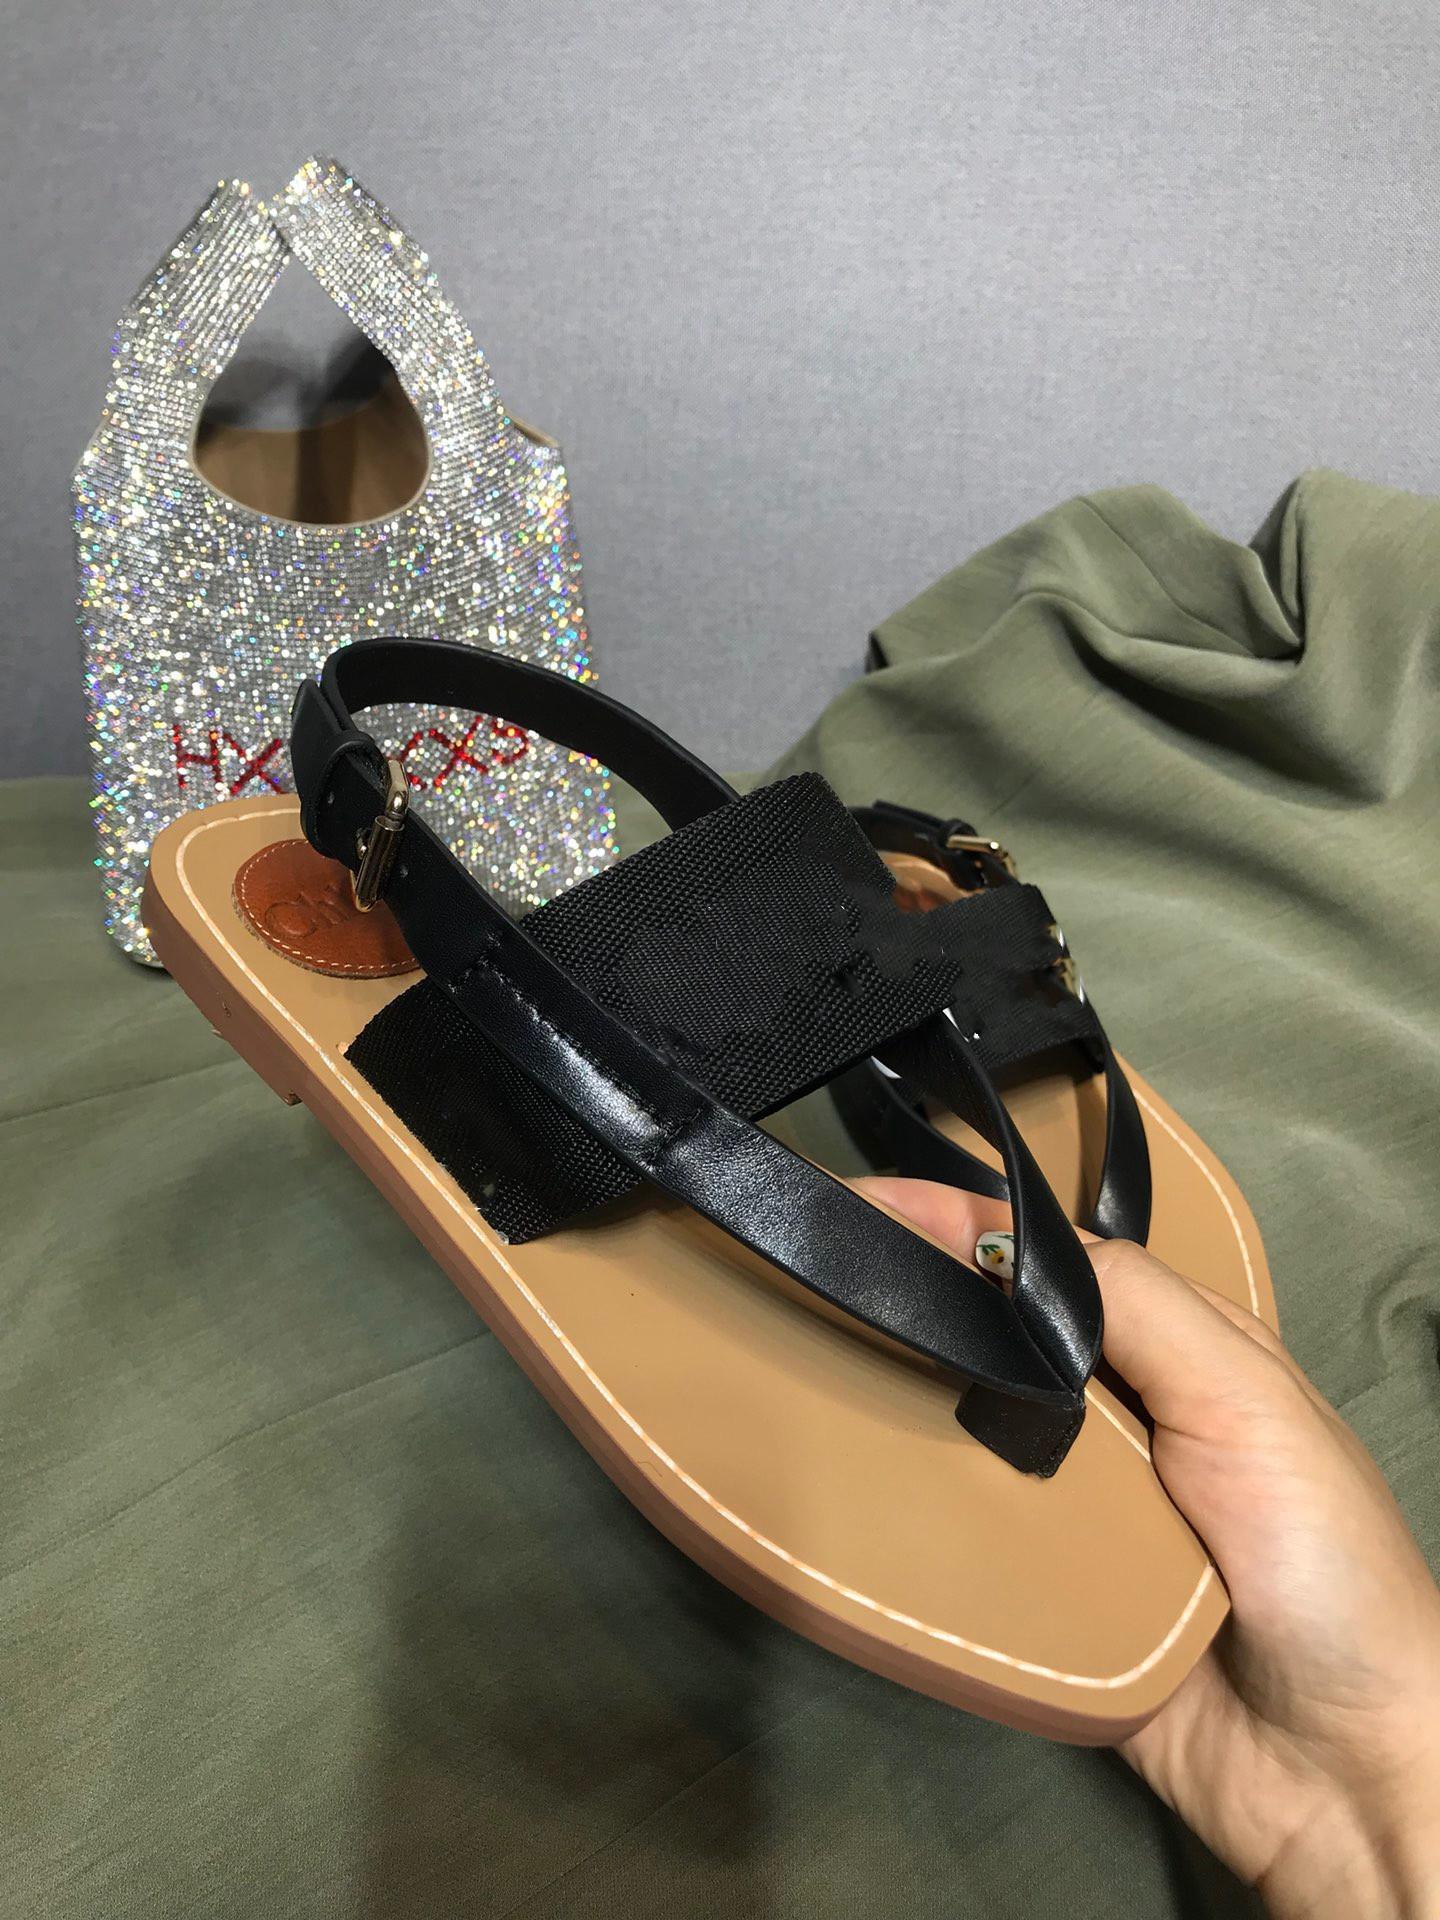 2021 Bahar ve Yaz Yeni Moda Mizaç Roma Ayakkabı, Bayan Sandalet, Flip-floplar, Sandaletler, High-end Kaliteli Deri Malzeme Ekleme